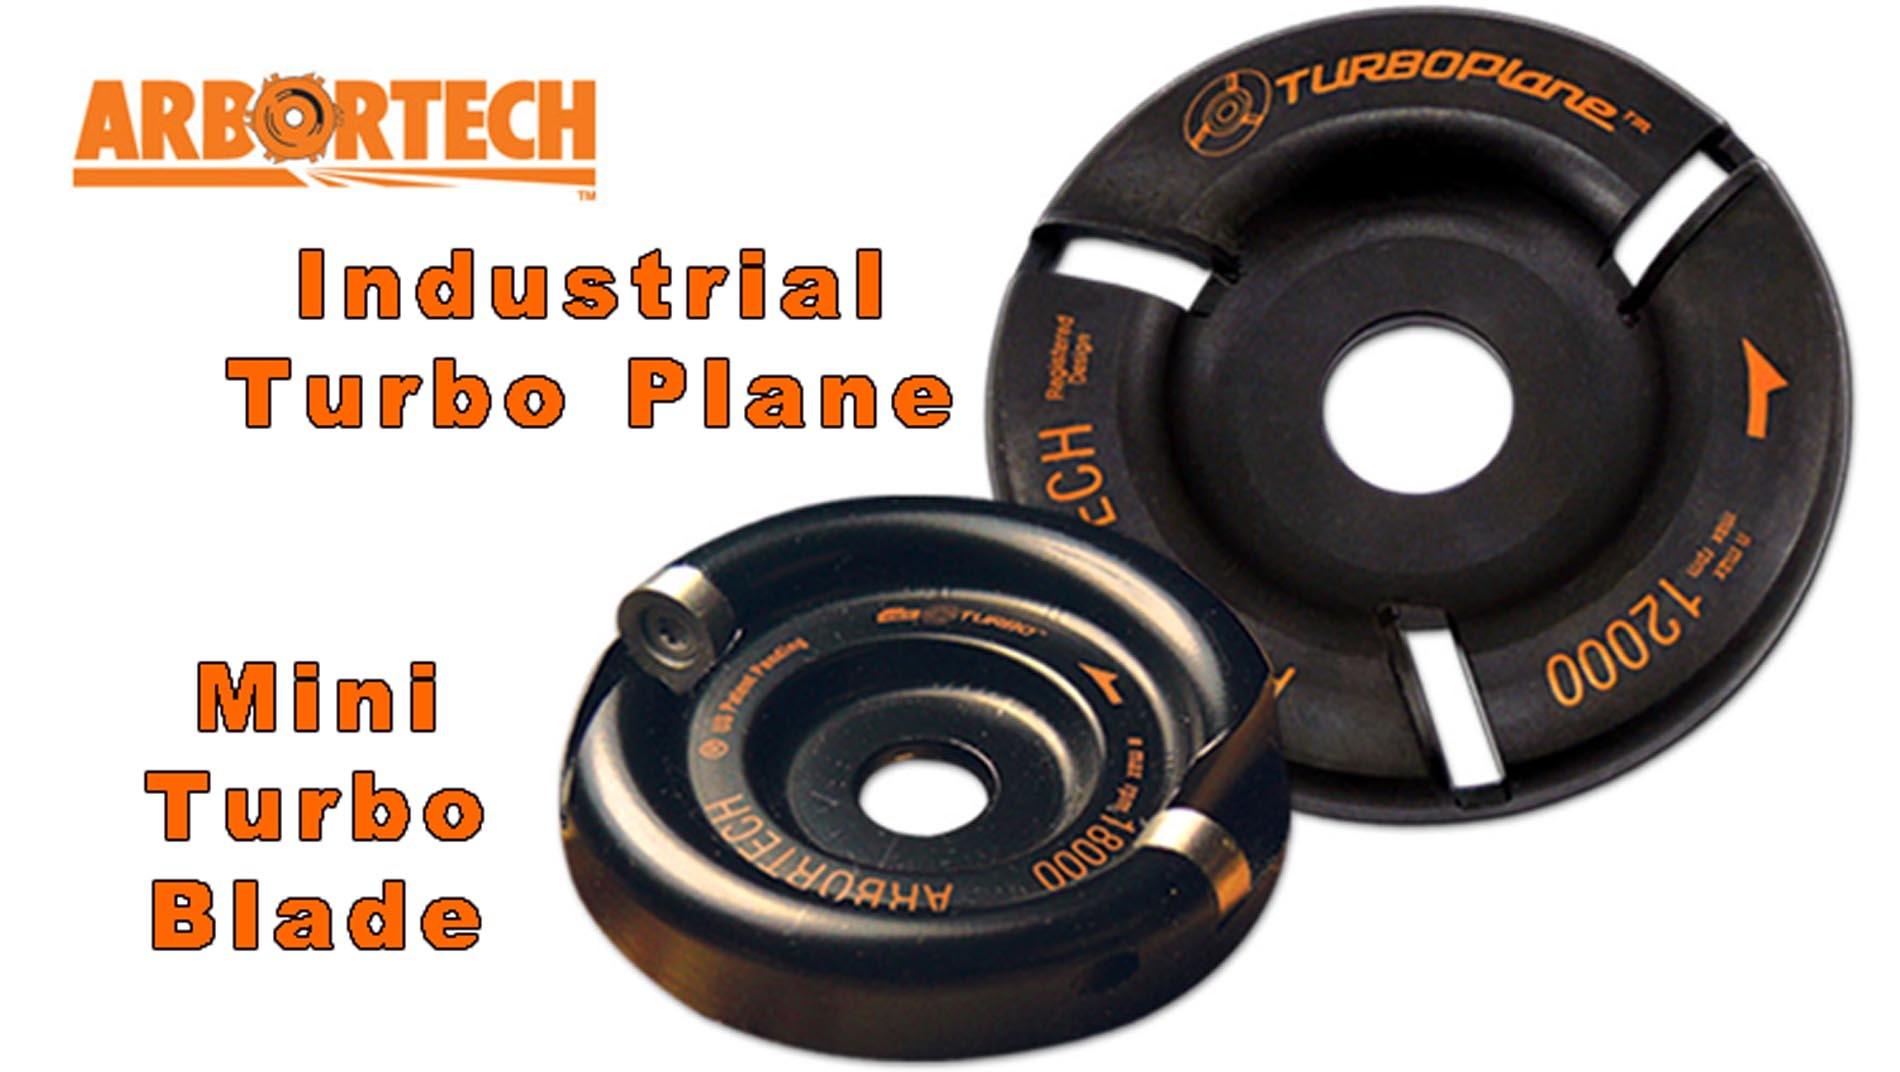 IND.FG.400-Disco de desbastado TurboPlane Arbortech IND.FG.400-max-13.